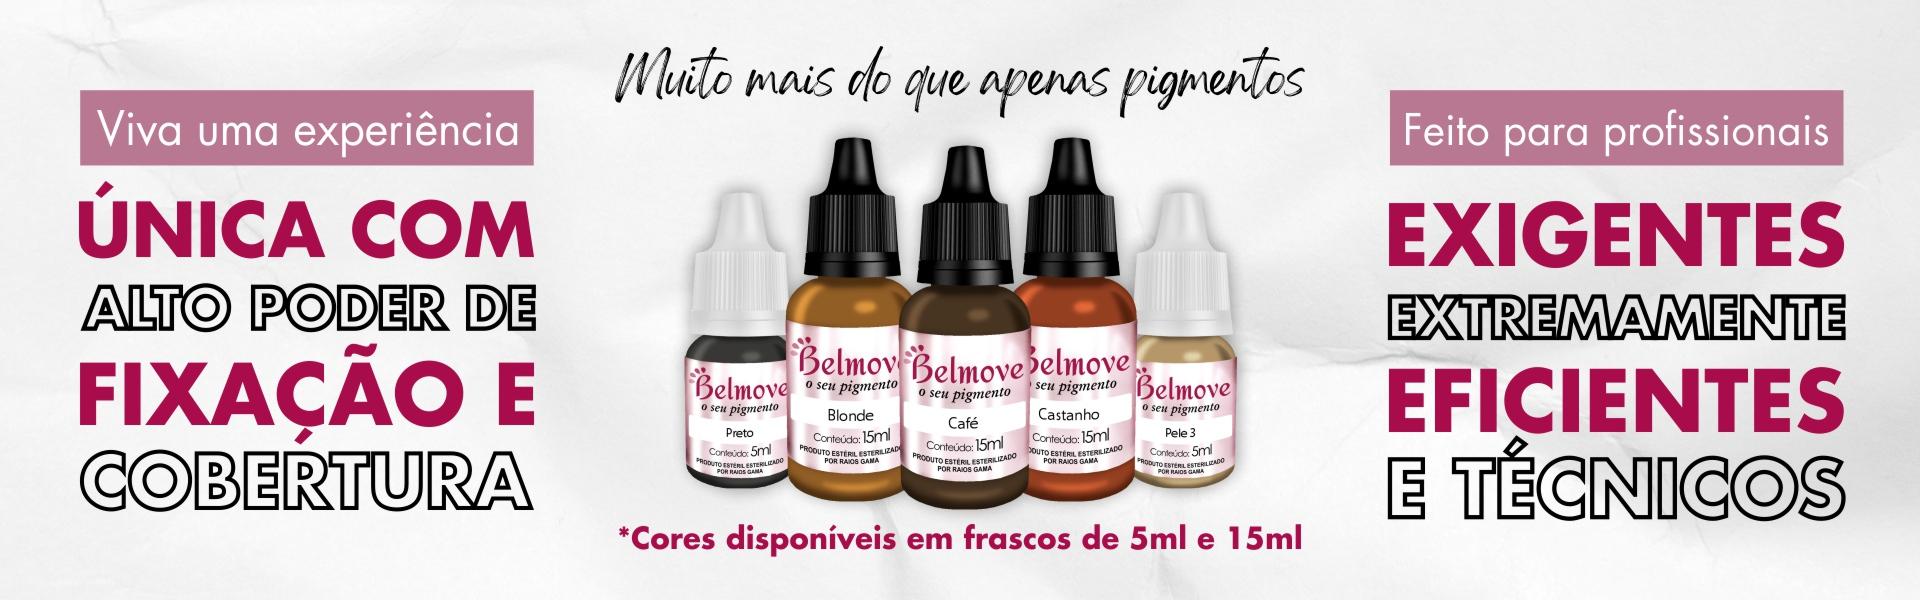 Pigmentos Belmove